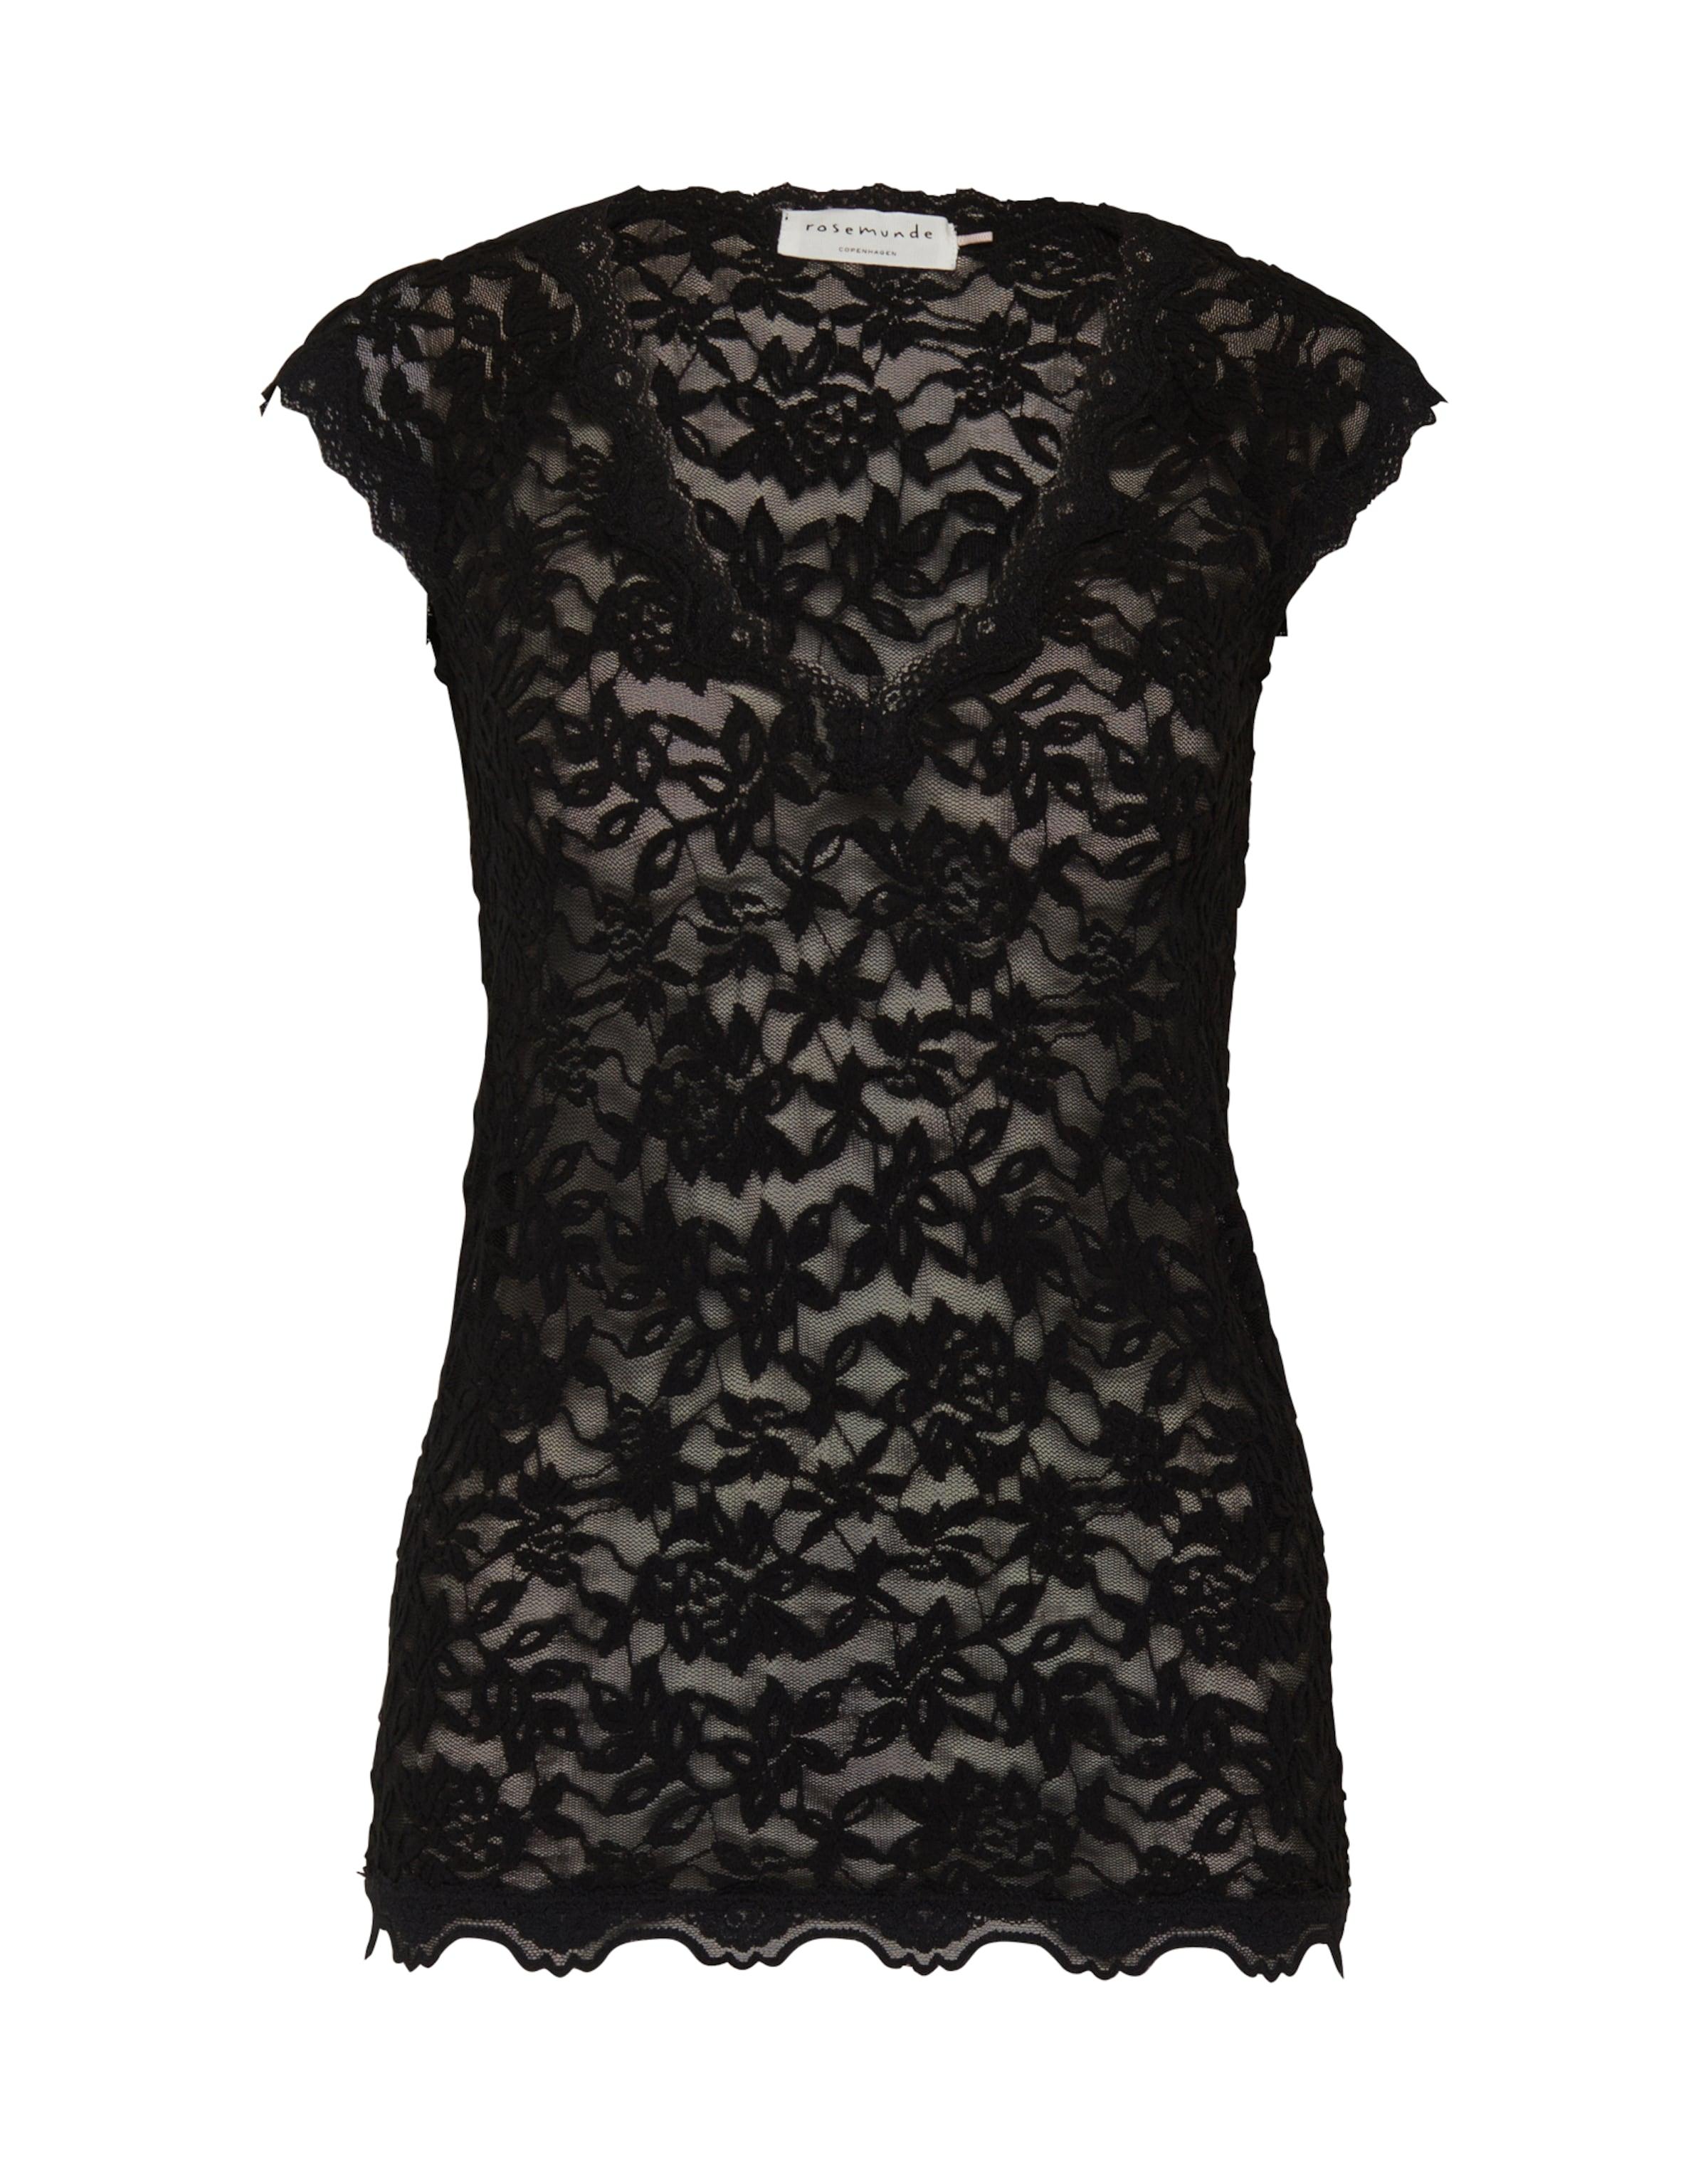 T En T Noir Rosemunde shirt shirt En En Noir Rosemunde Rosemunde T shirt 76gybf